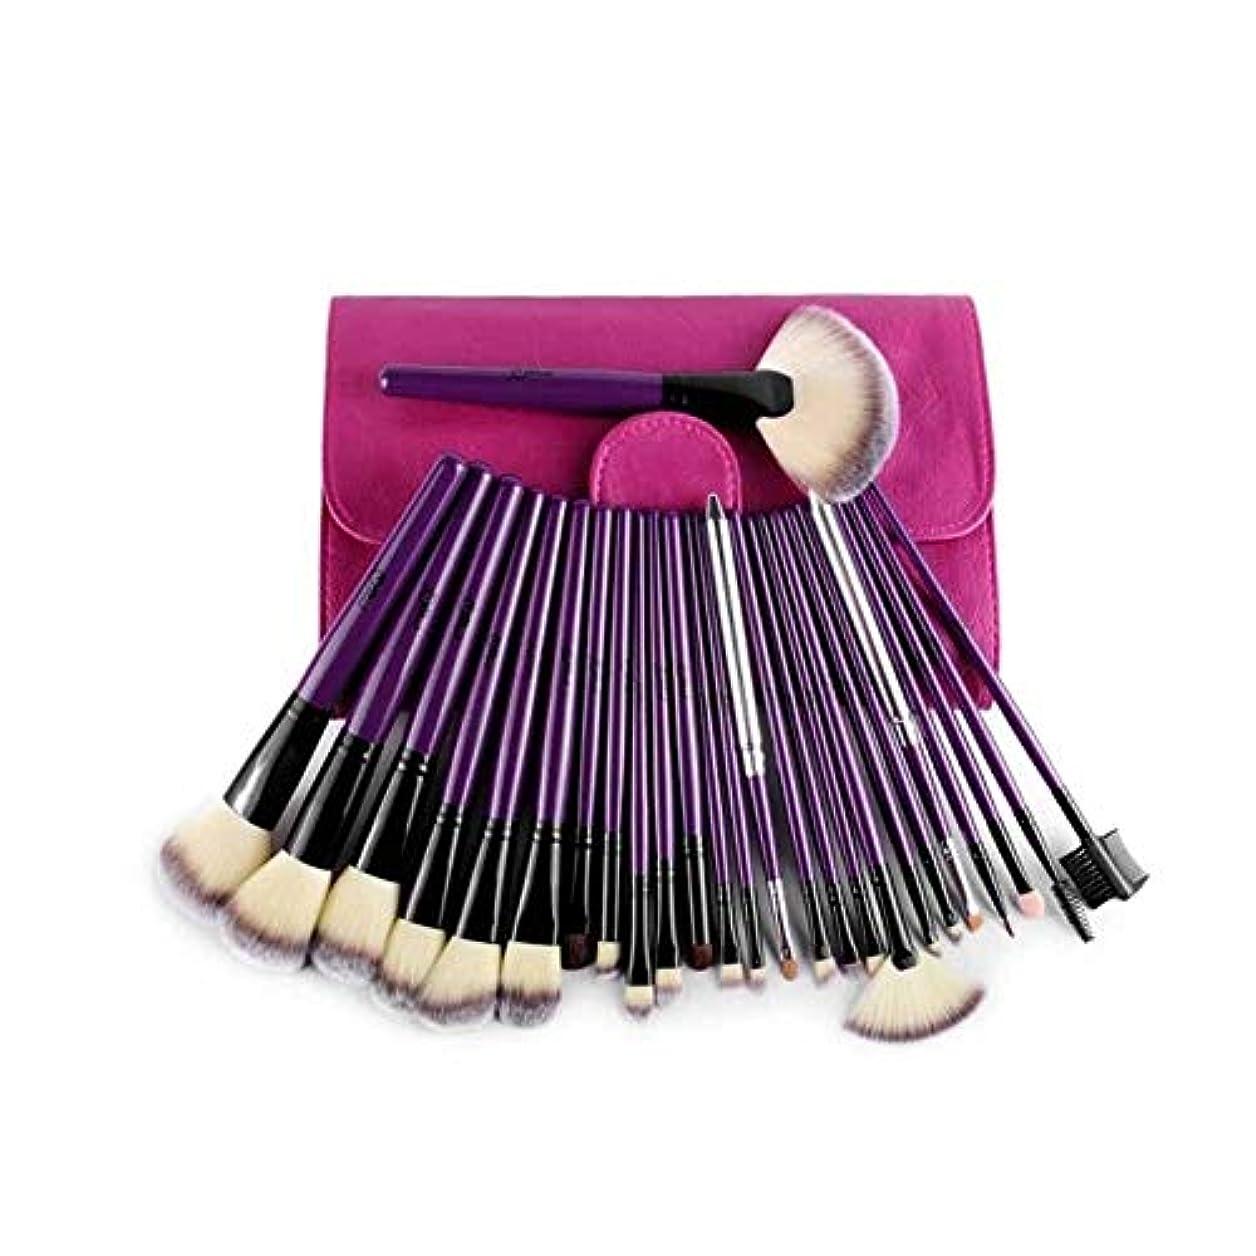 介入する安いですあなたが良くなりますTUOFL メイクブラシ、24紫のプロフェッショナルメイクブラシセット、ブラシを設定メイクアップツールの専門フルセット、簡単に運ぶために (Color : Purple)